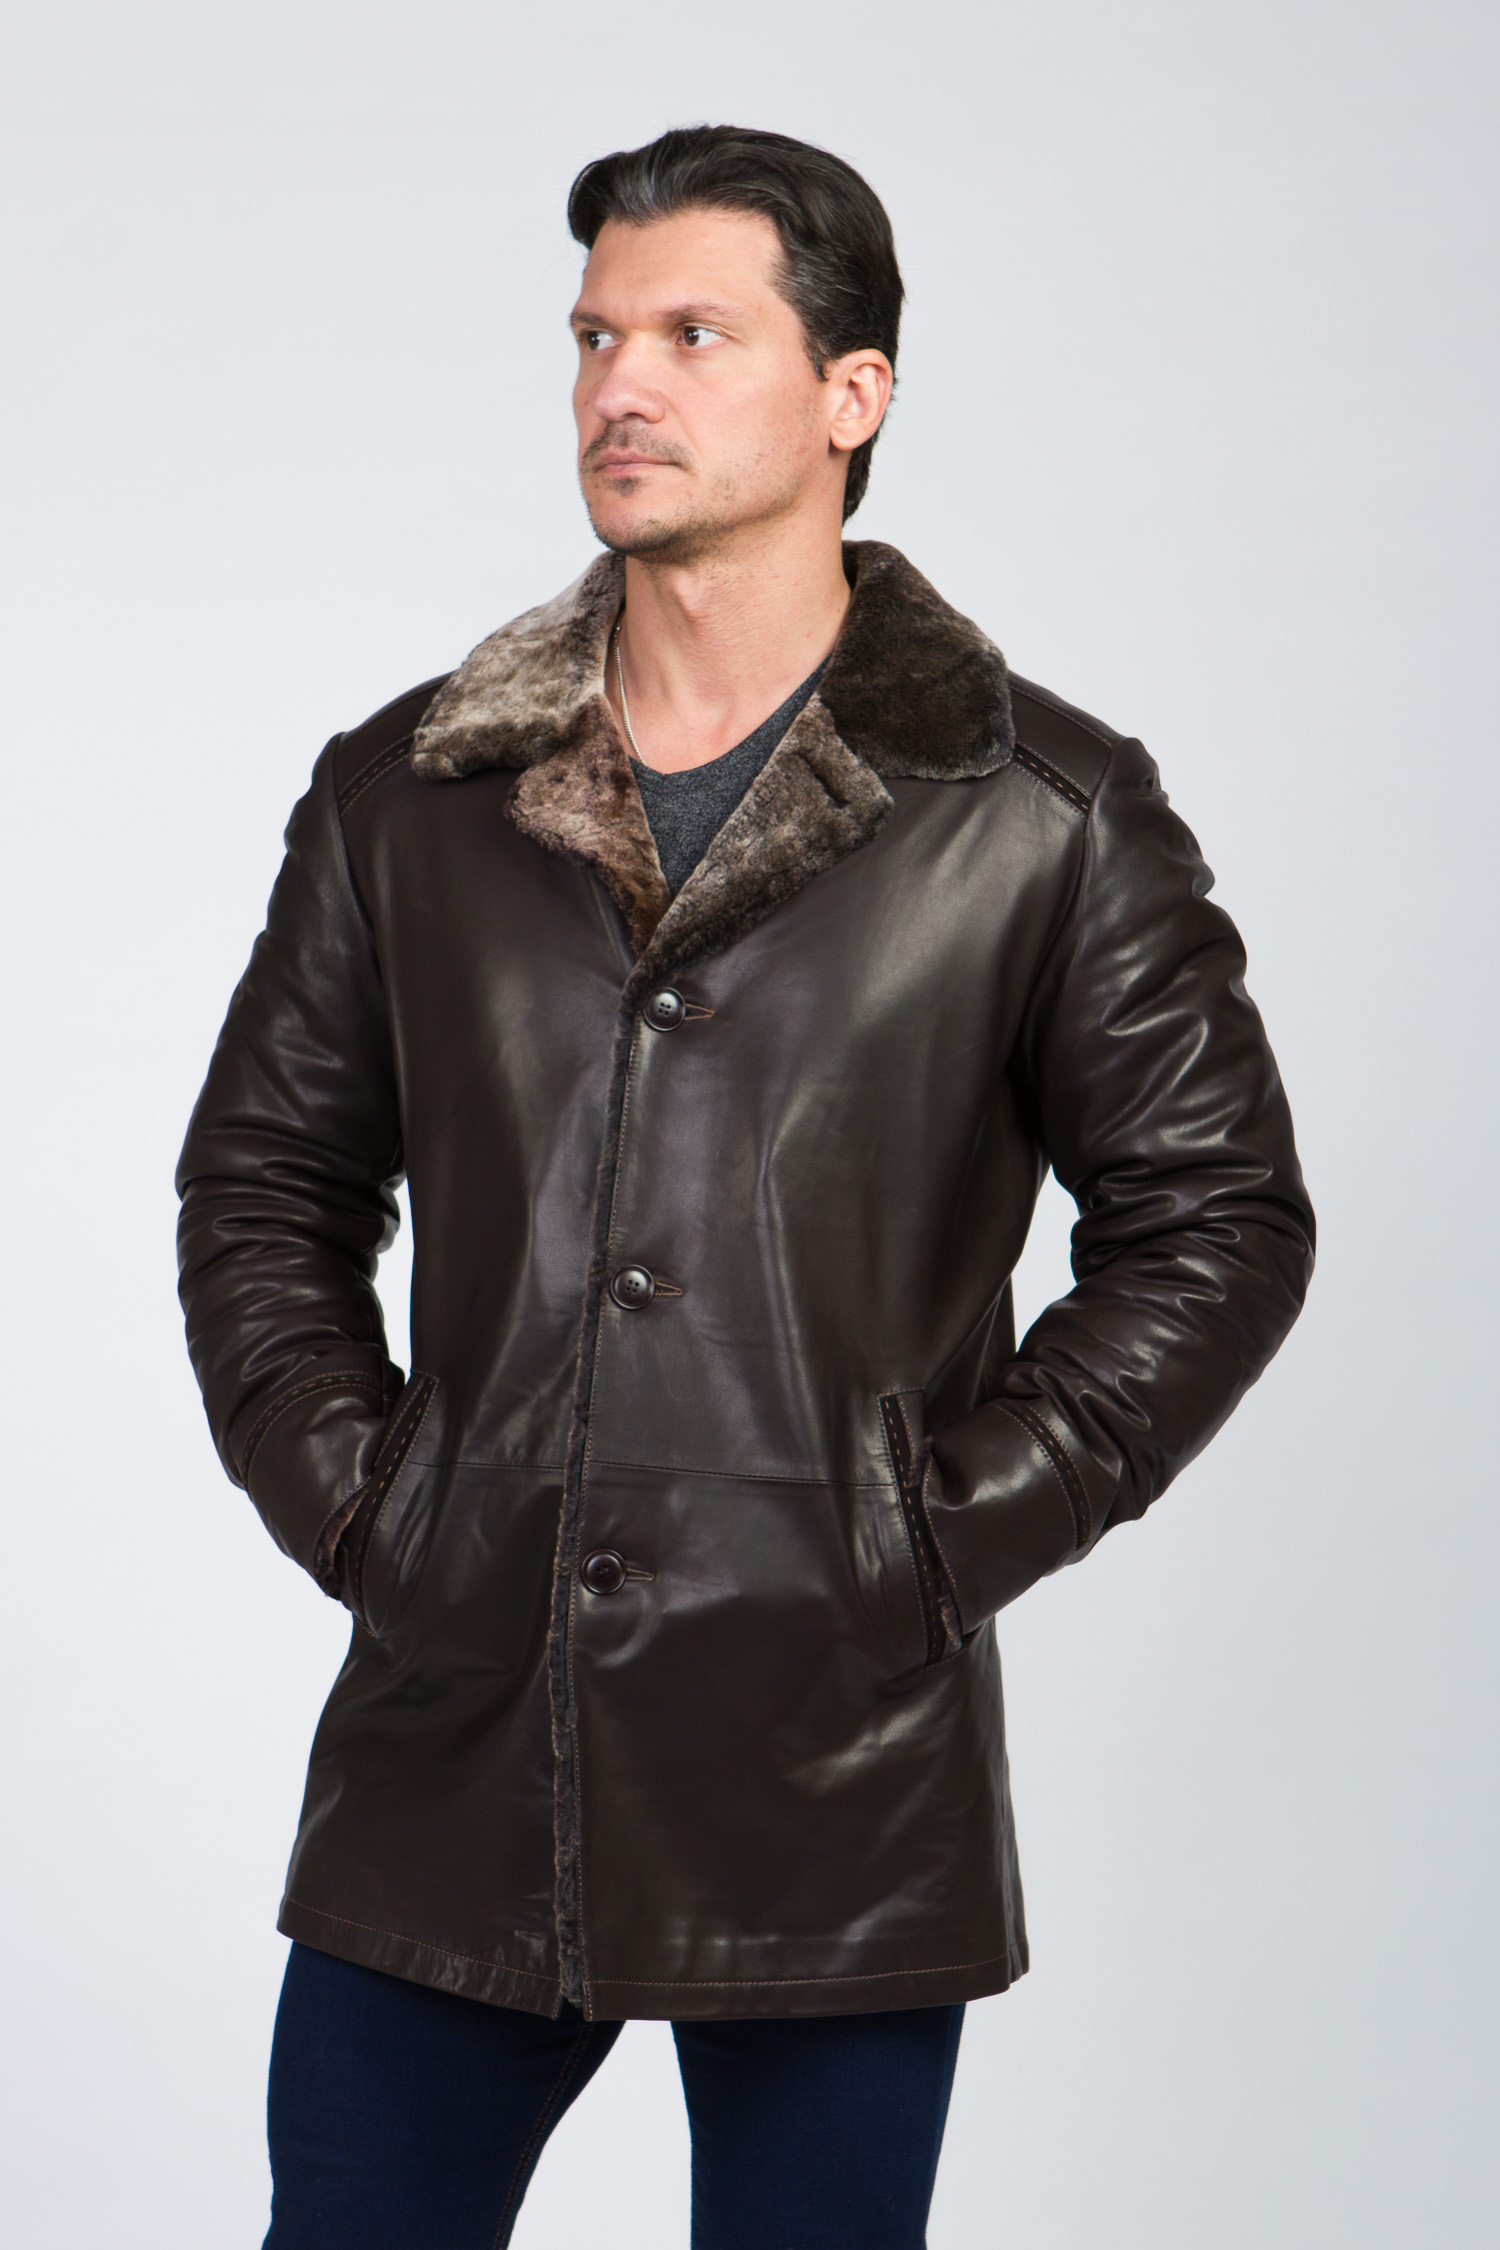 Купить со скидкой Мужская кожаная куртка из натуральной кожи на меху с воротником, без отделки